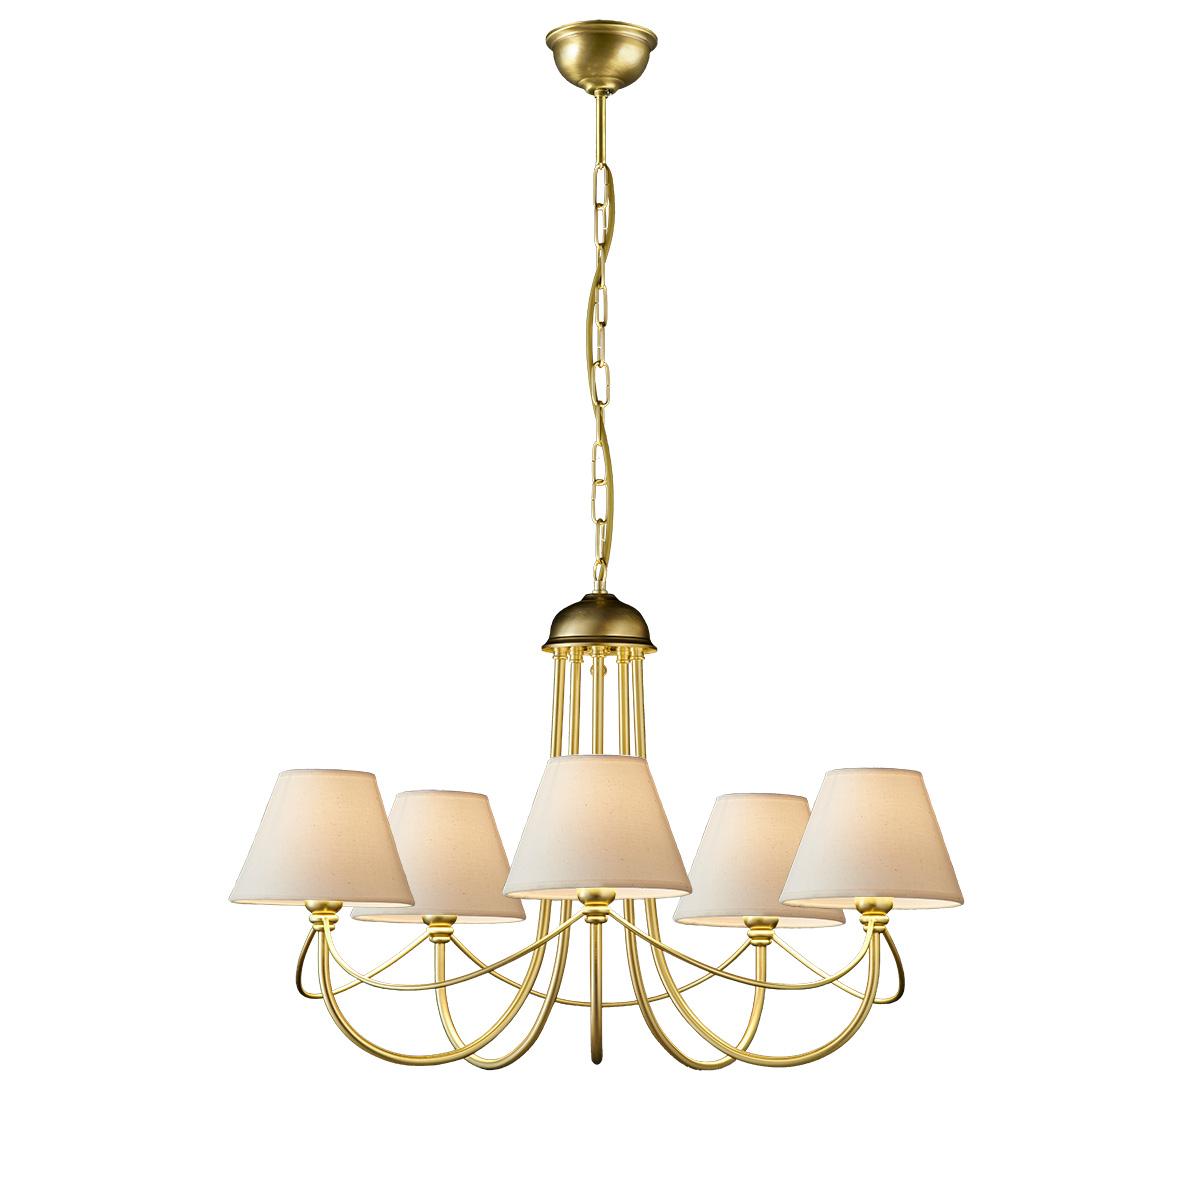 Κλασικό 5φωτο φωτιστικό με καπέλα σε ματ ορείχαλκο ΓΥΘΕΙΟ classic brushed brass 5-bulb chandelier with shades